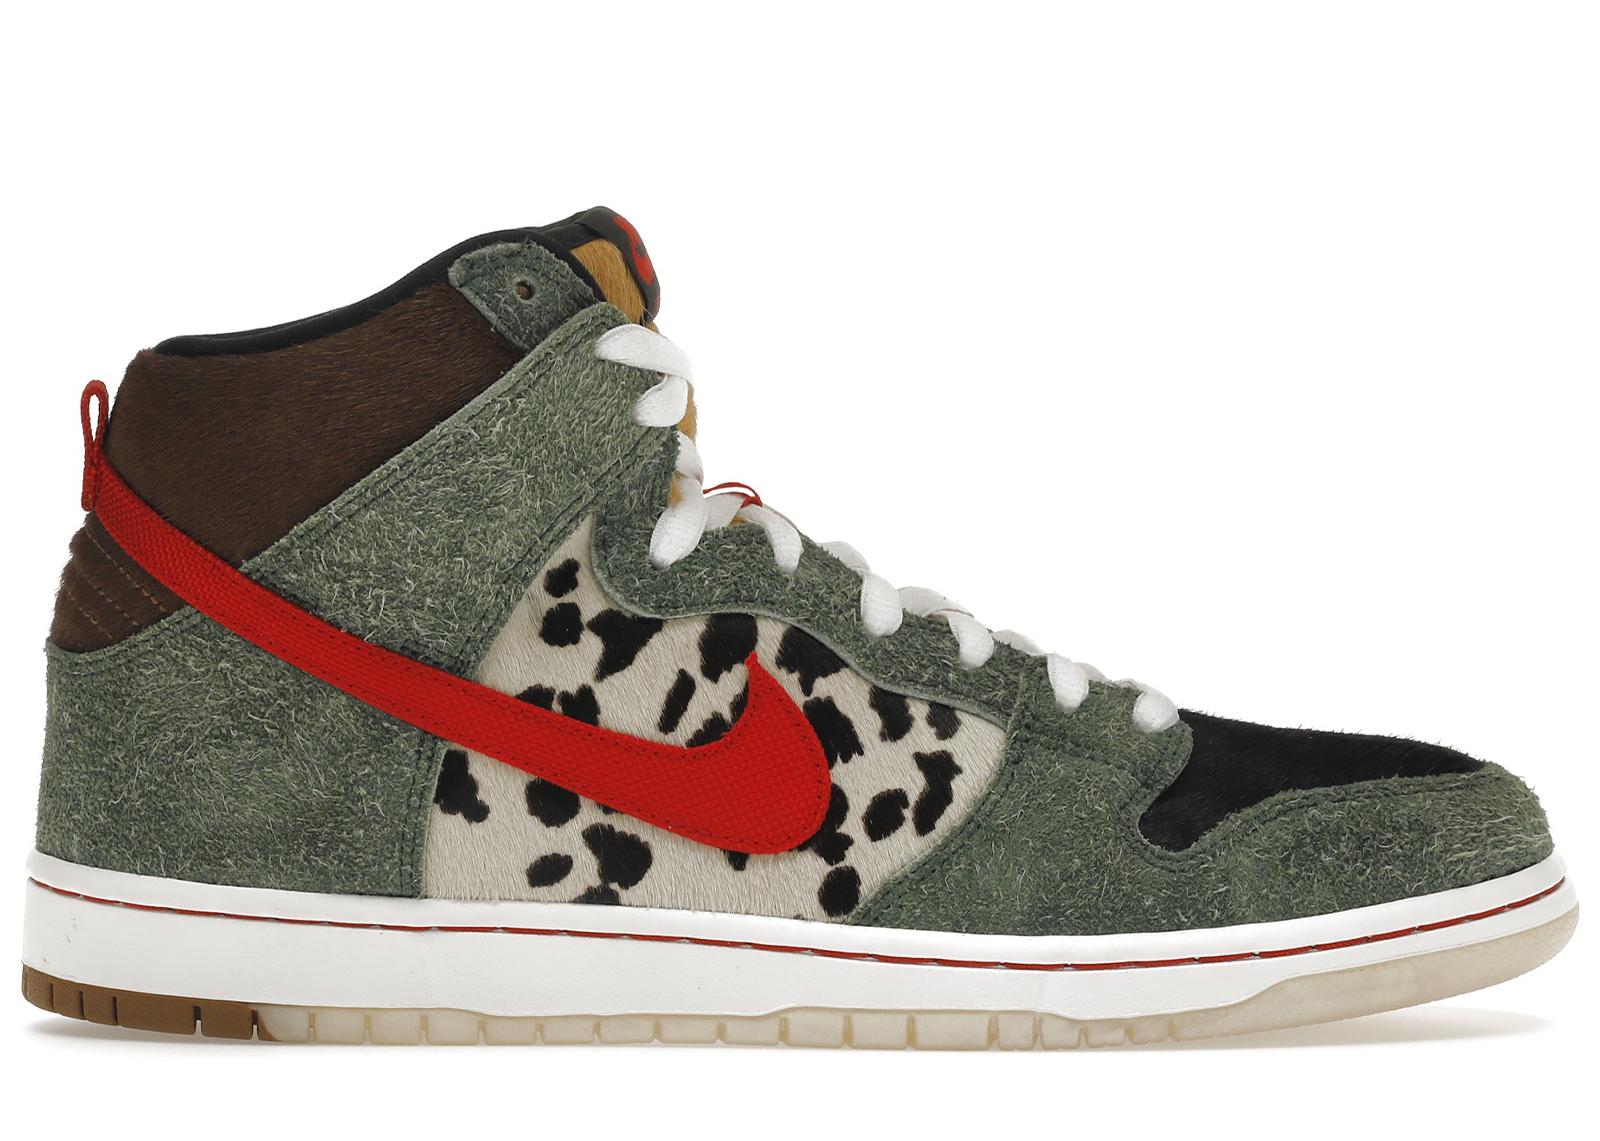 Nike SB Dunk High Dog Walker - BQ6827-300